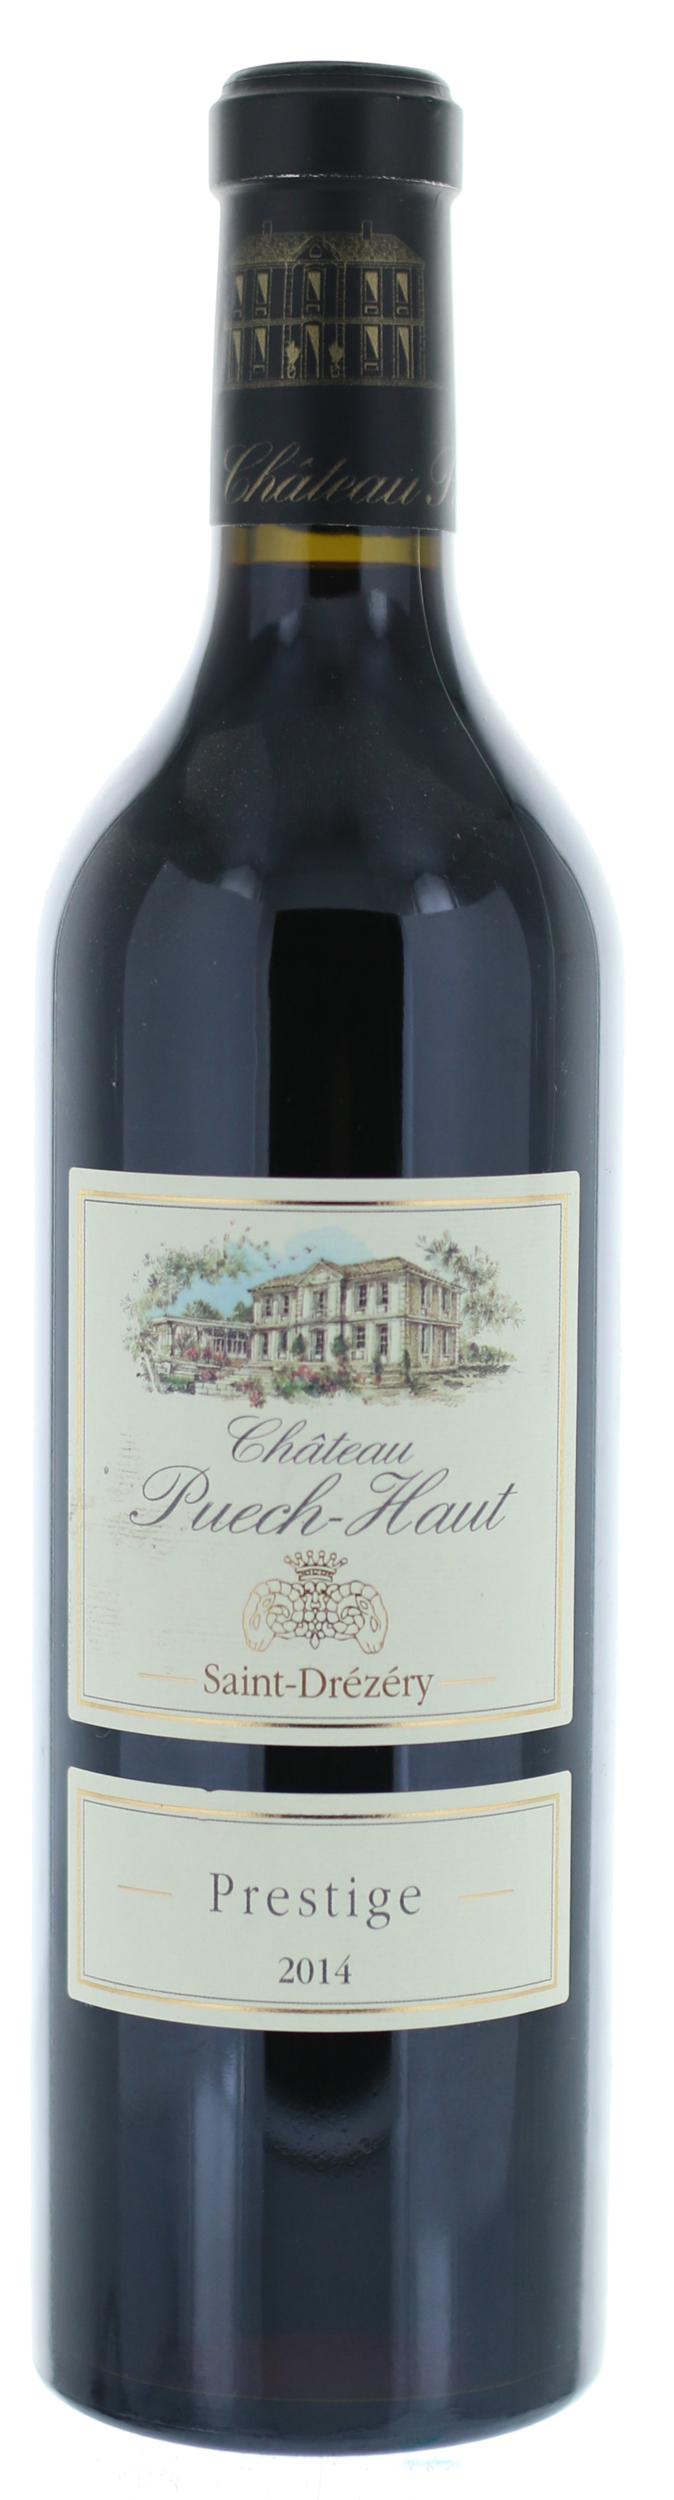 Coteaux du Languedoc - Prestige Rouge - Château Puech-Haut - 2017